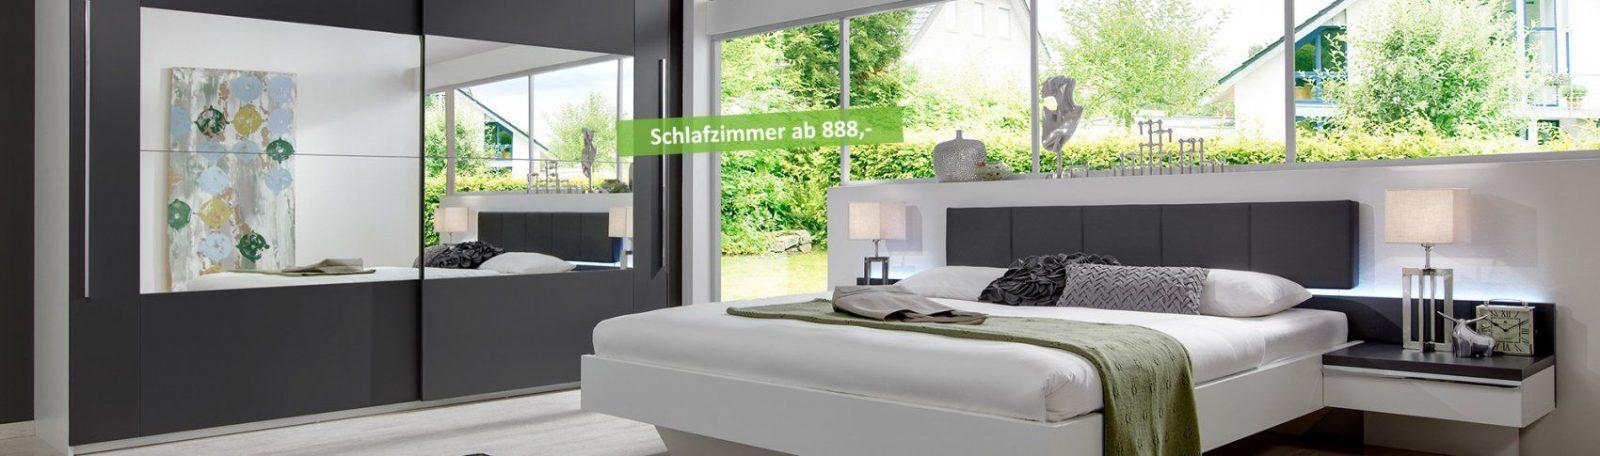 Ihr Wunschschlafzimmer Bei Möbel Rehmann In Velbert von Möbel Rehmann Essen Steele Bild